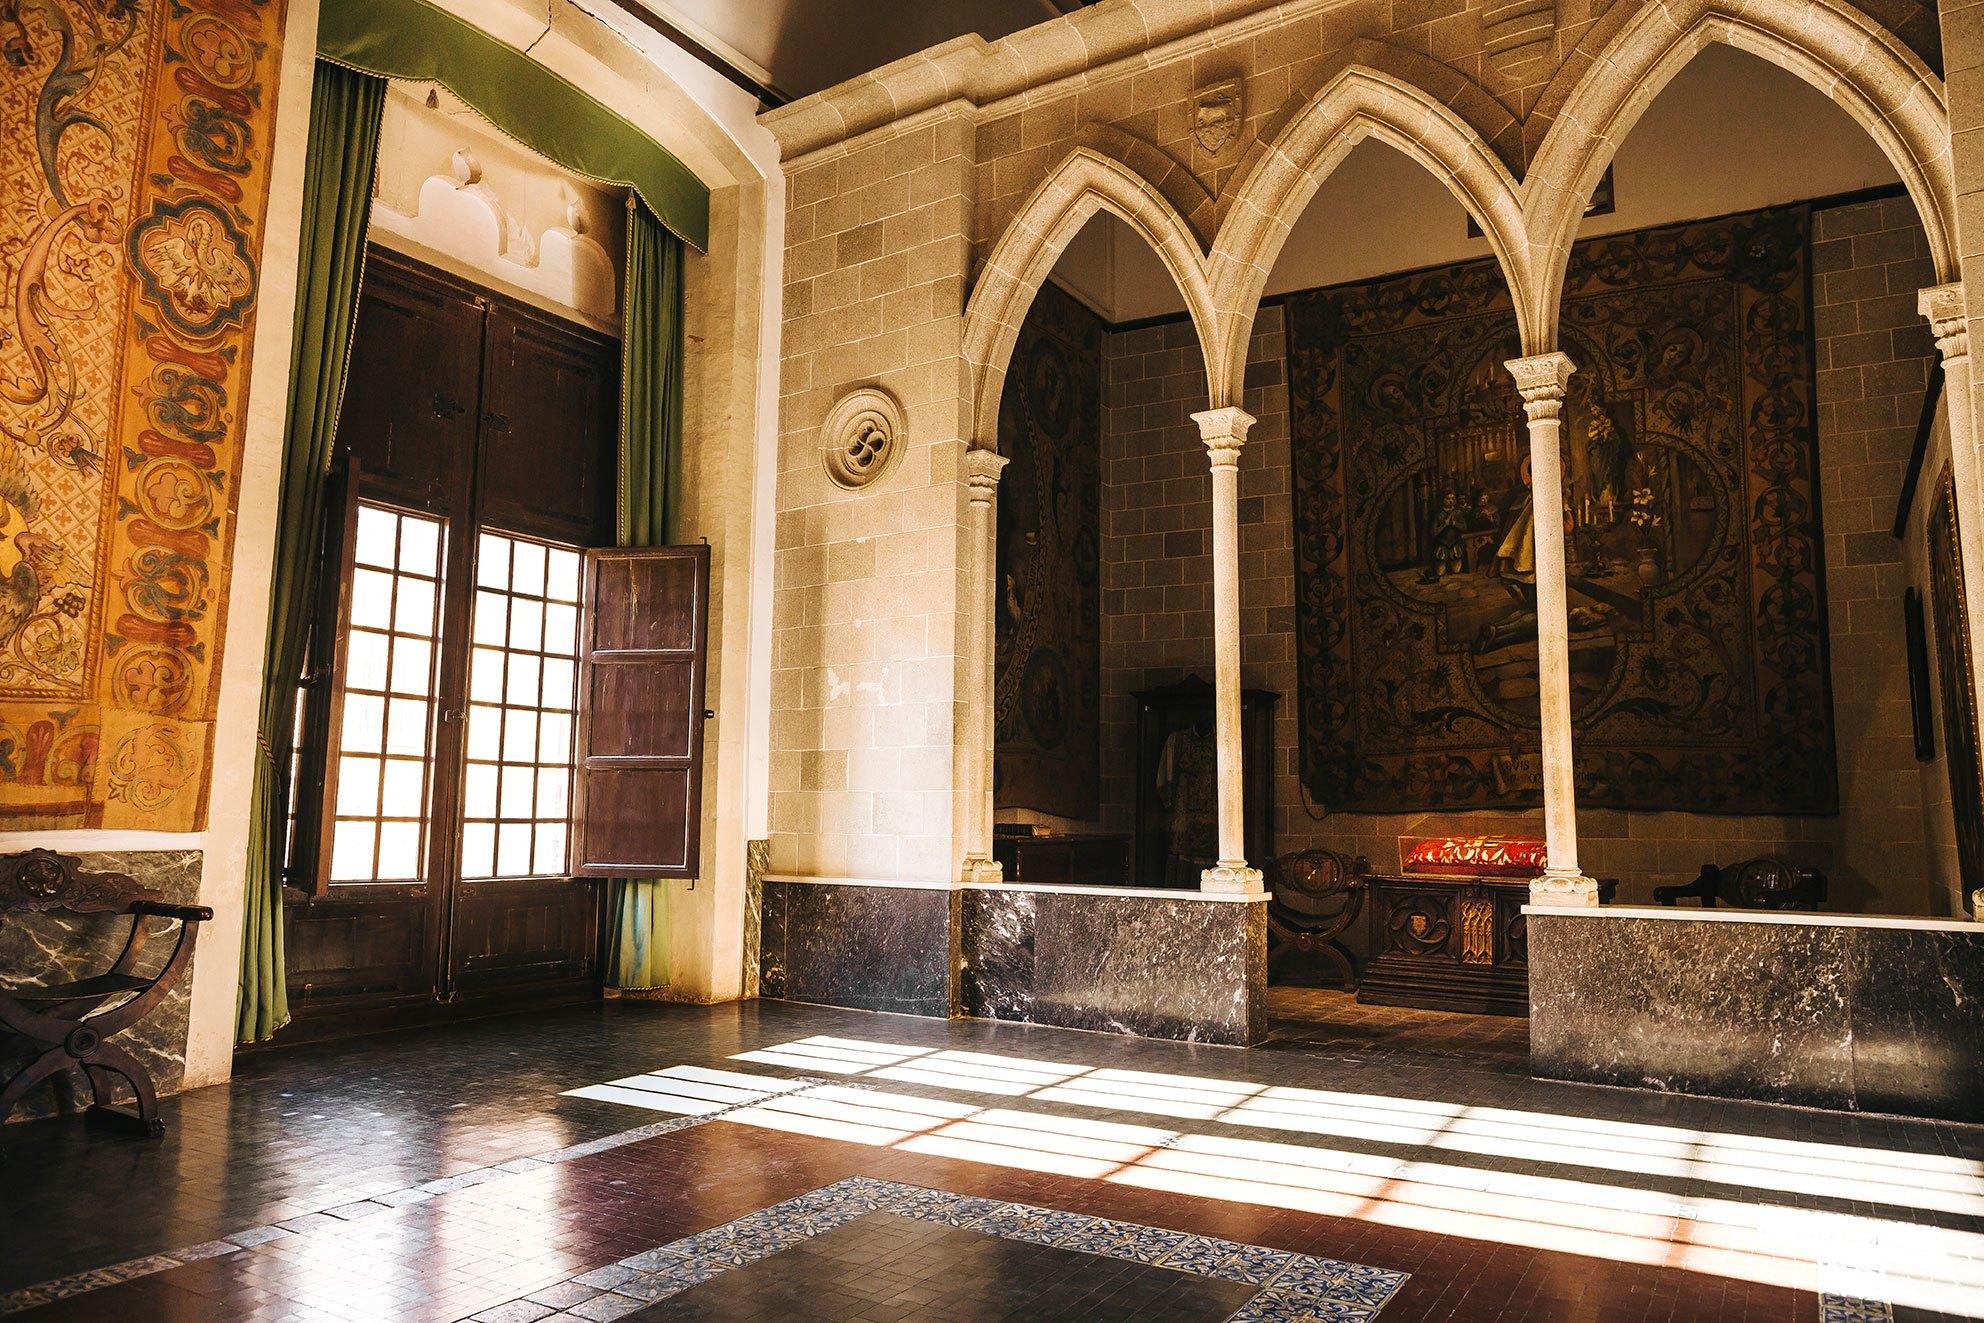 La Cámara de la Duquesa del Palacio de Gandía